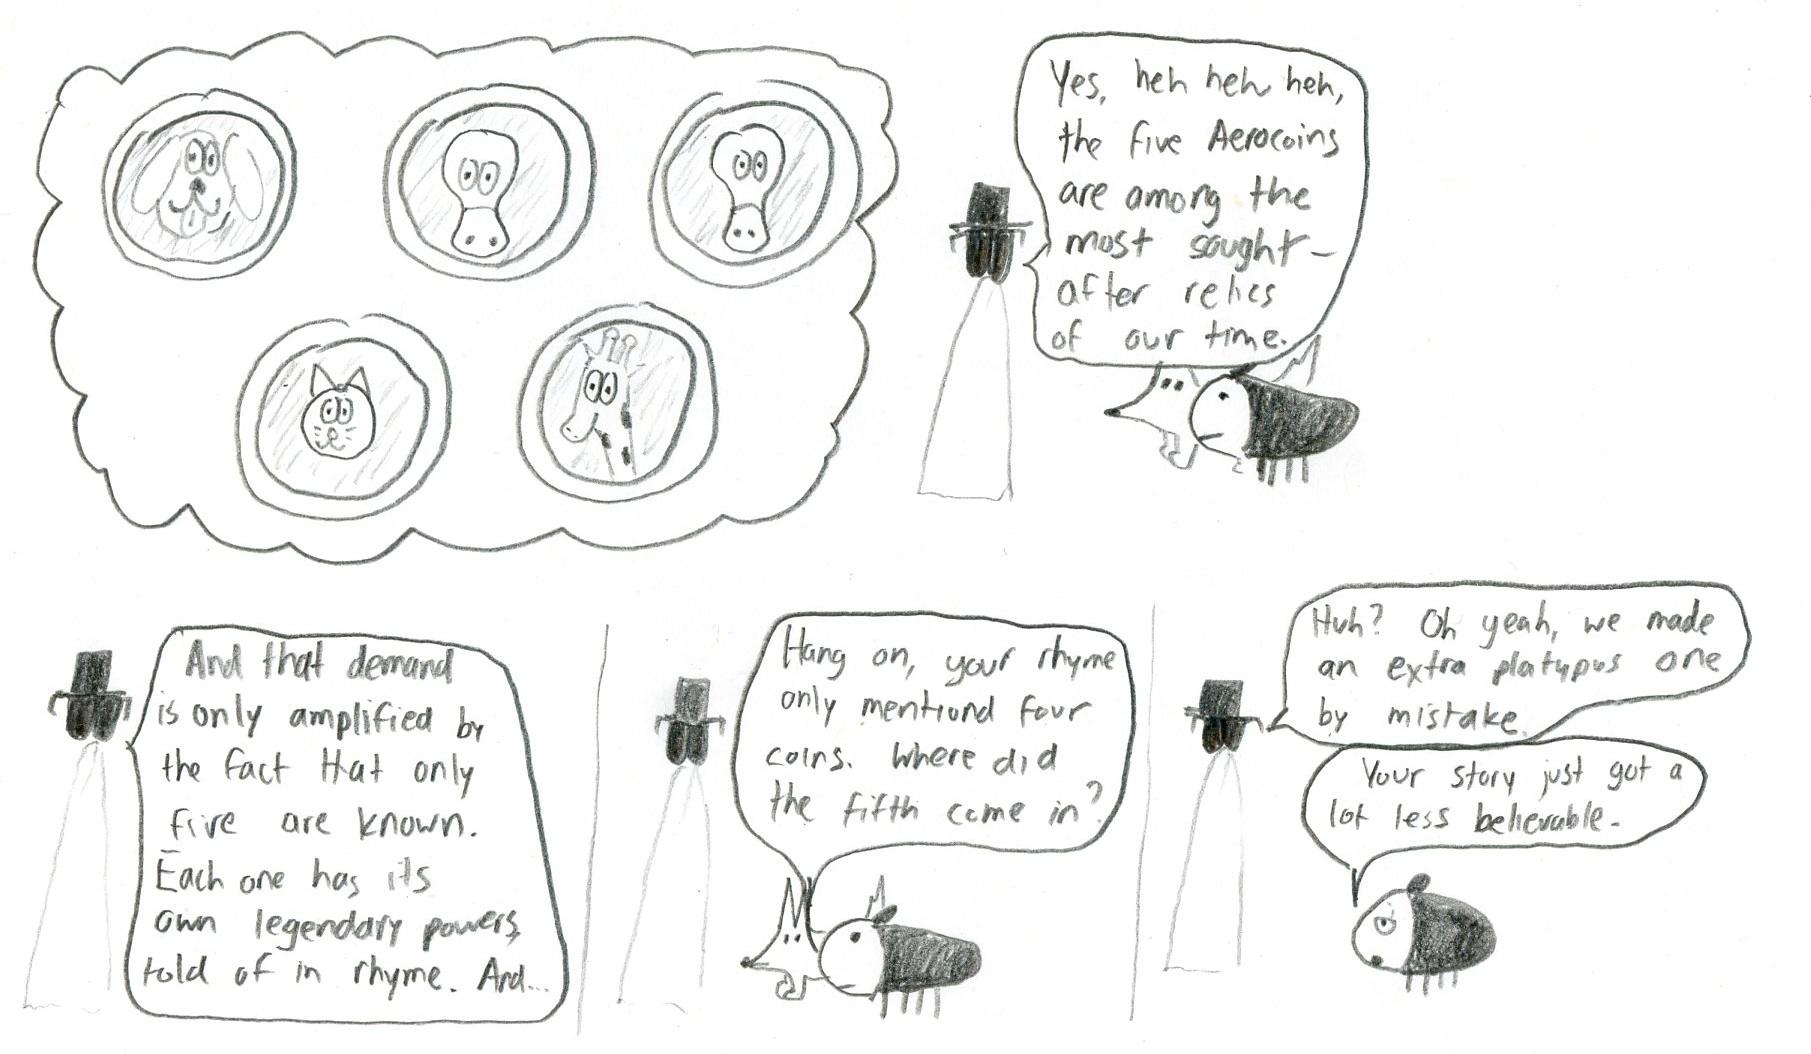 The Five Aerocoins